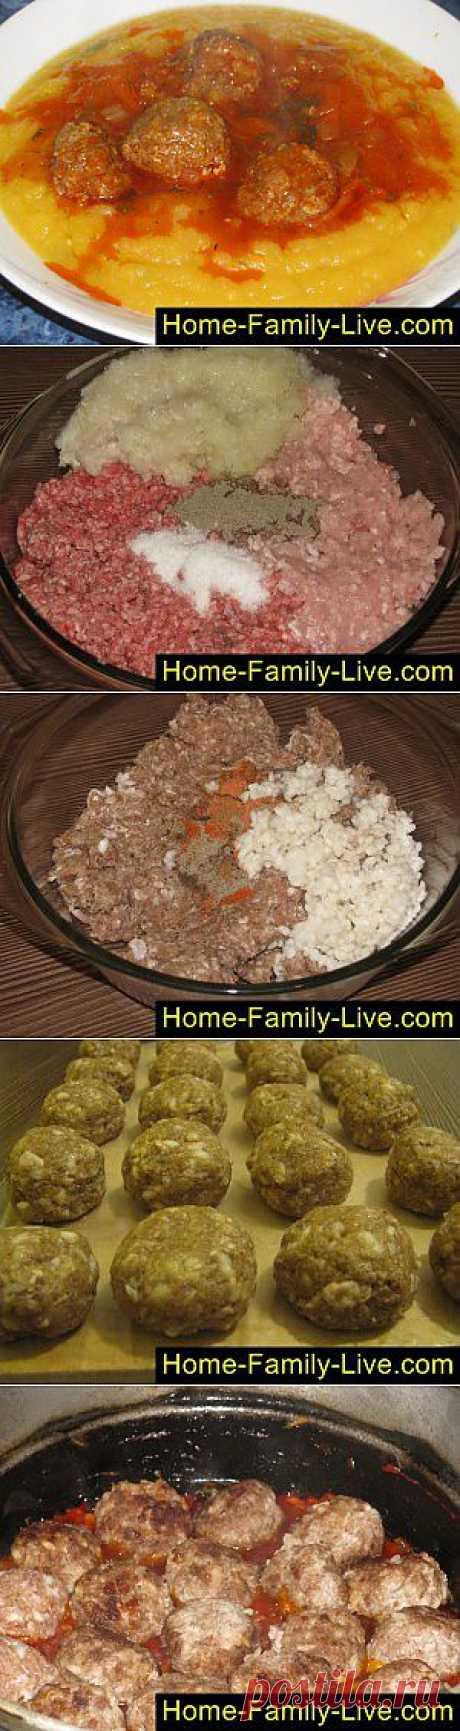 Кулинарные рецепты Тефтели в томатном соусе - пошаговый фоторецепт - мясные ёжики